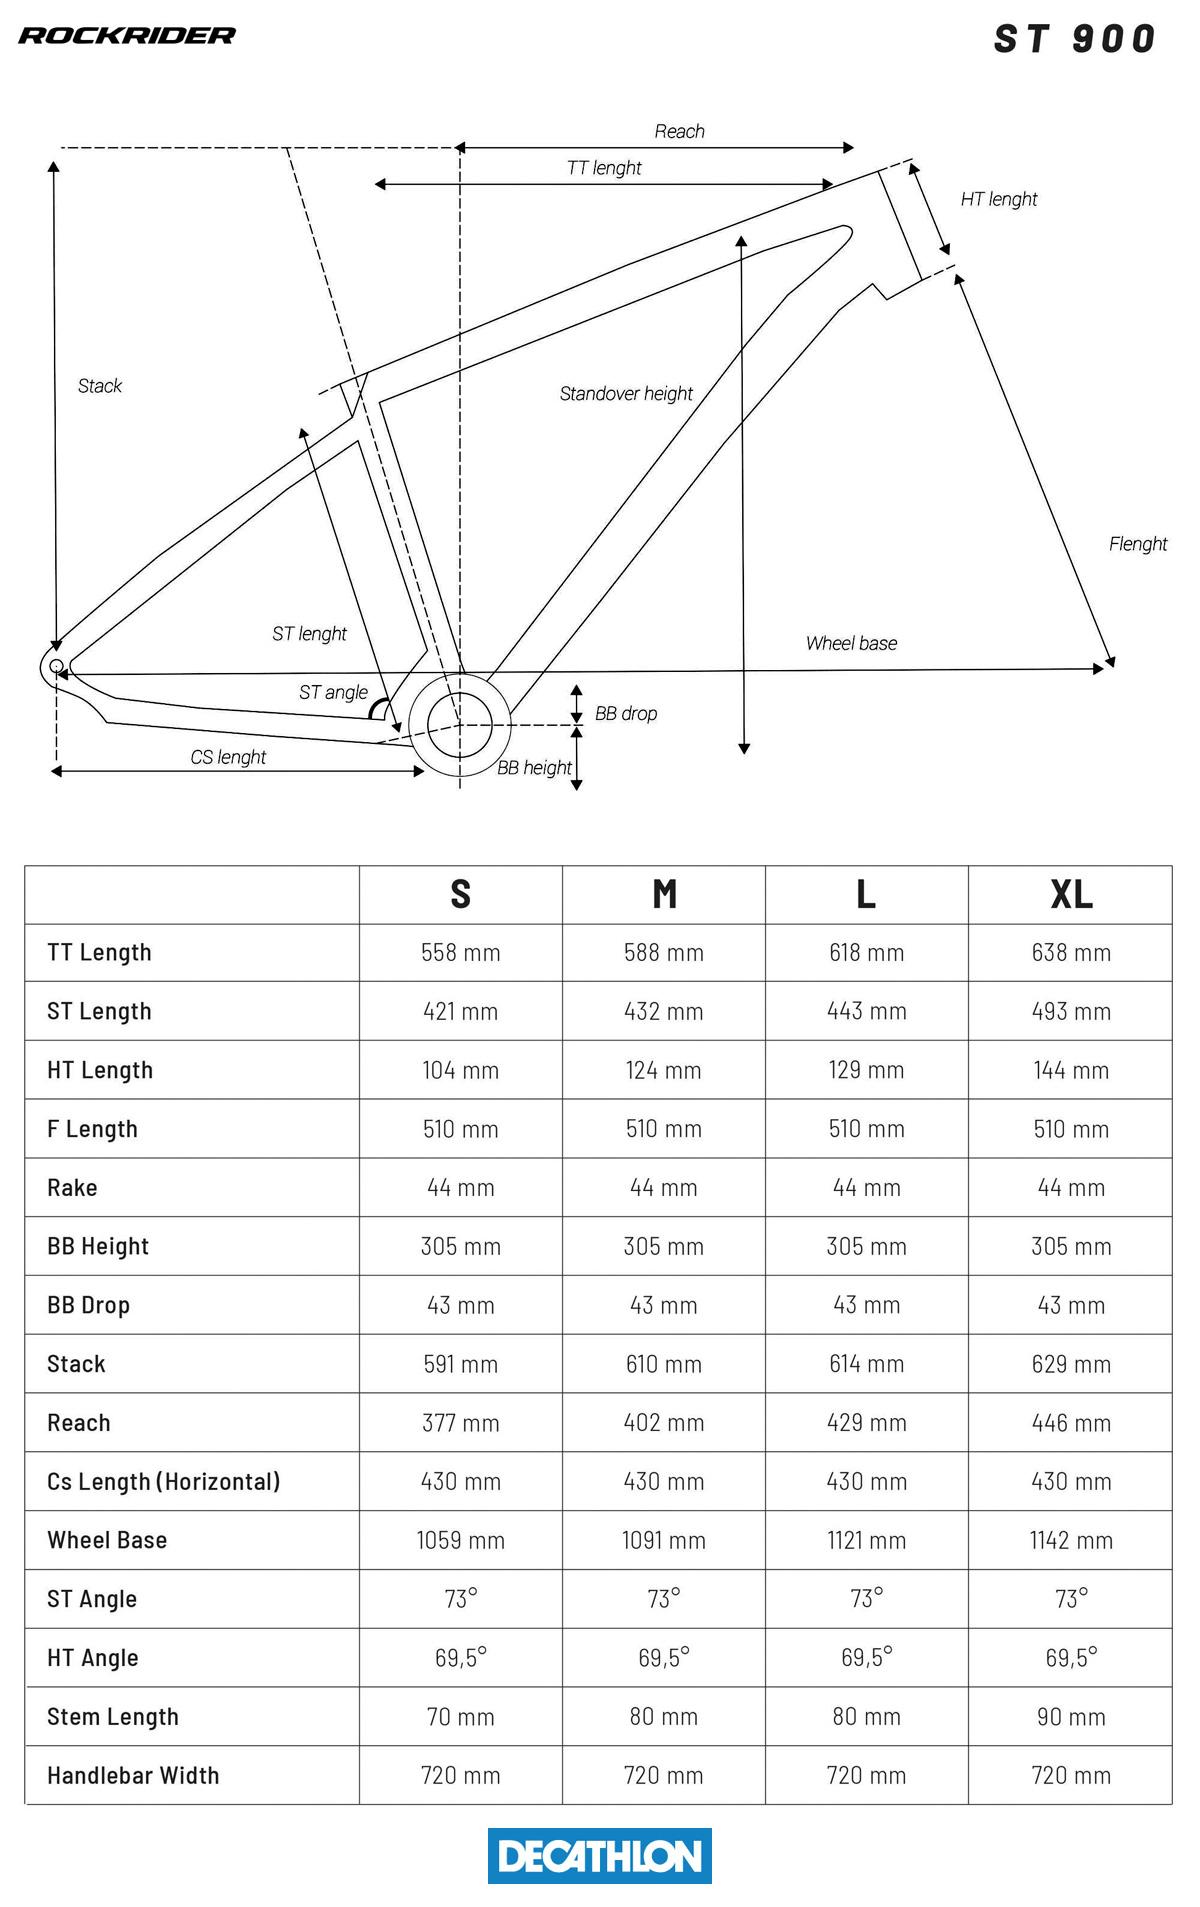 La tabella con le misure e le geometri della mountain bike Rockrider ST 900